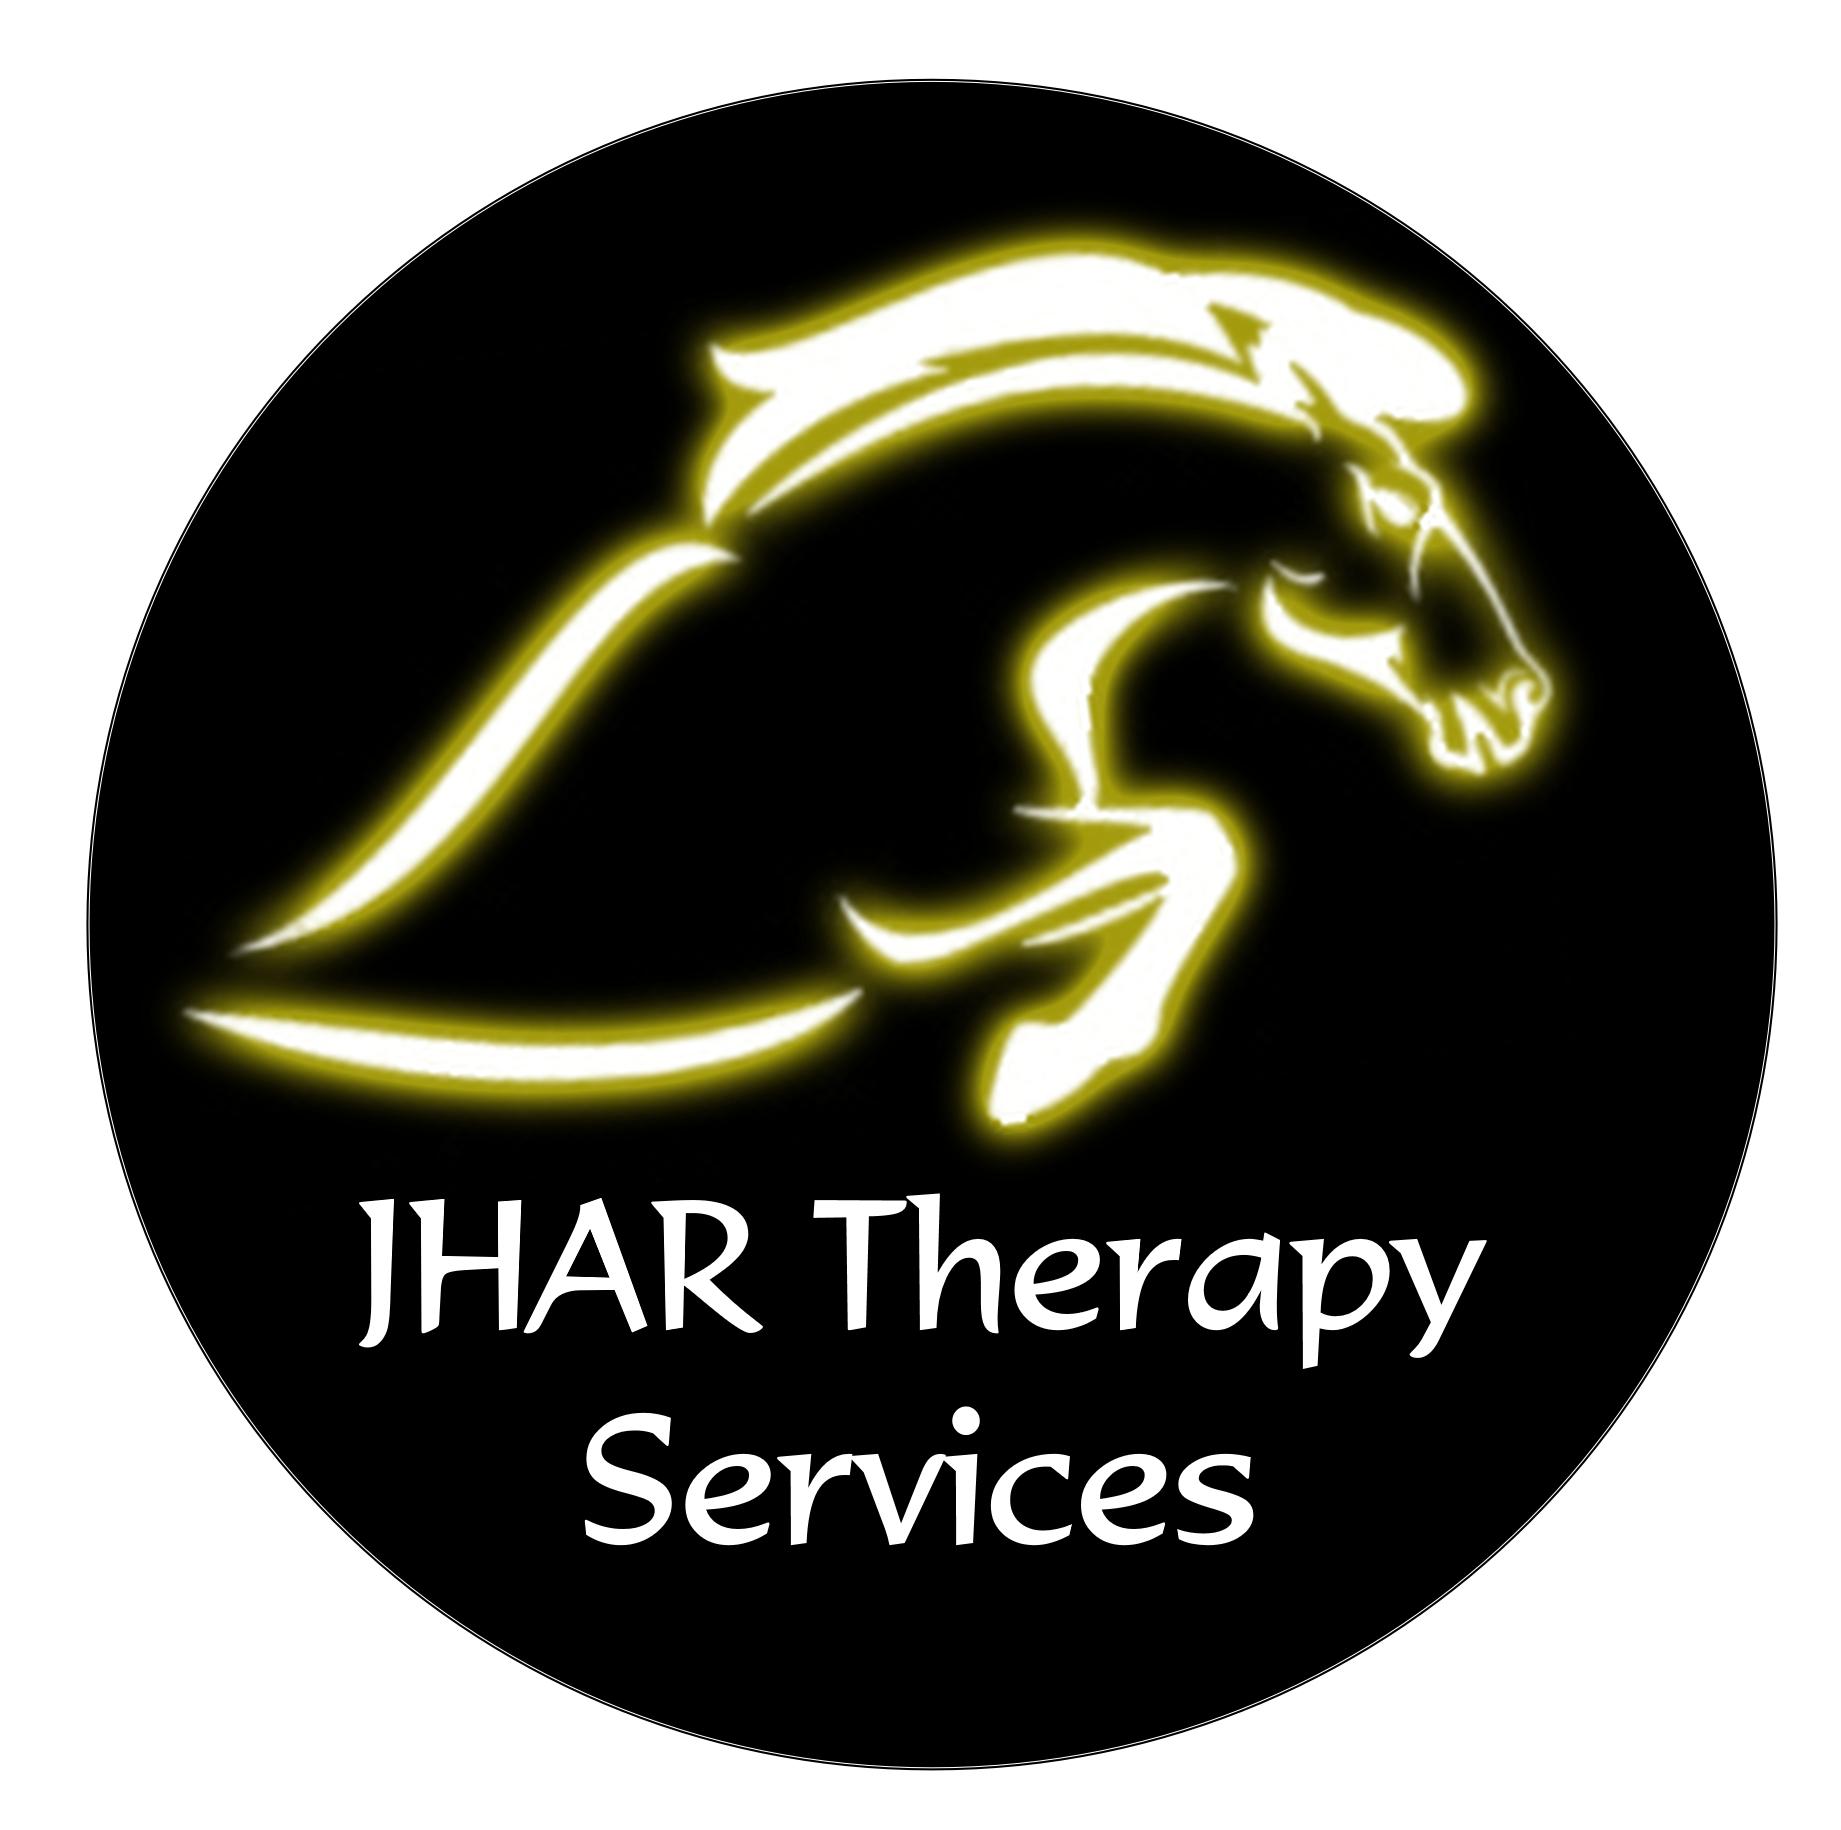 JHAR Logo.jpg